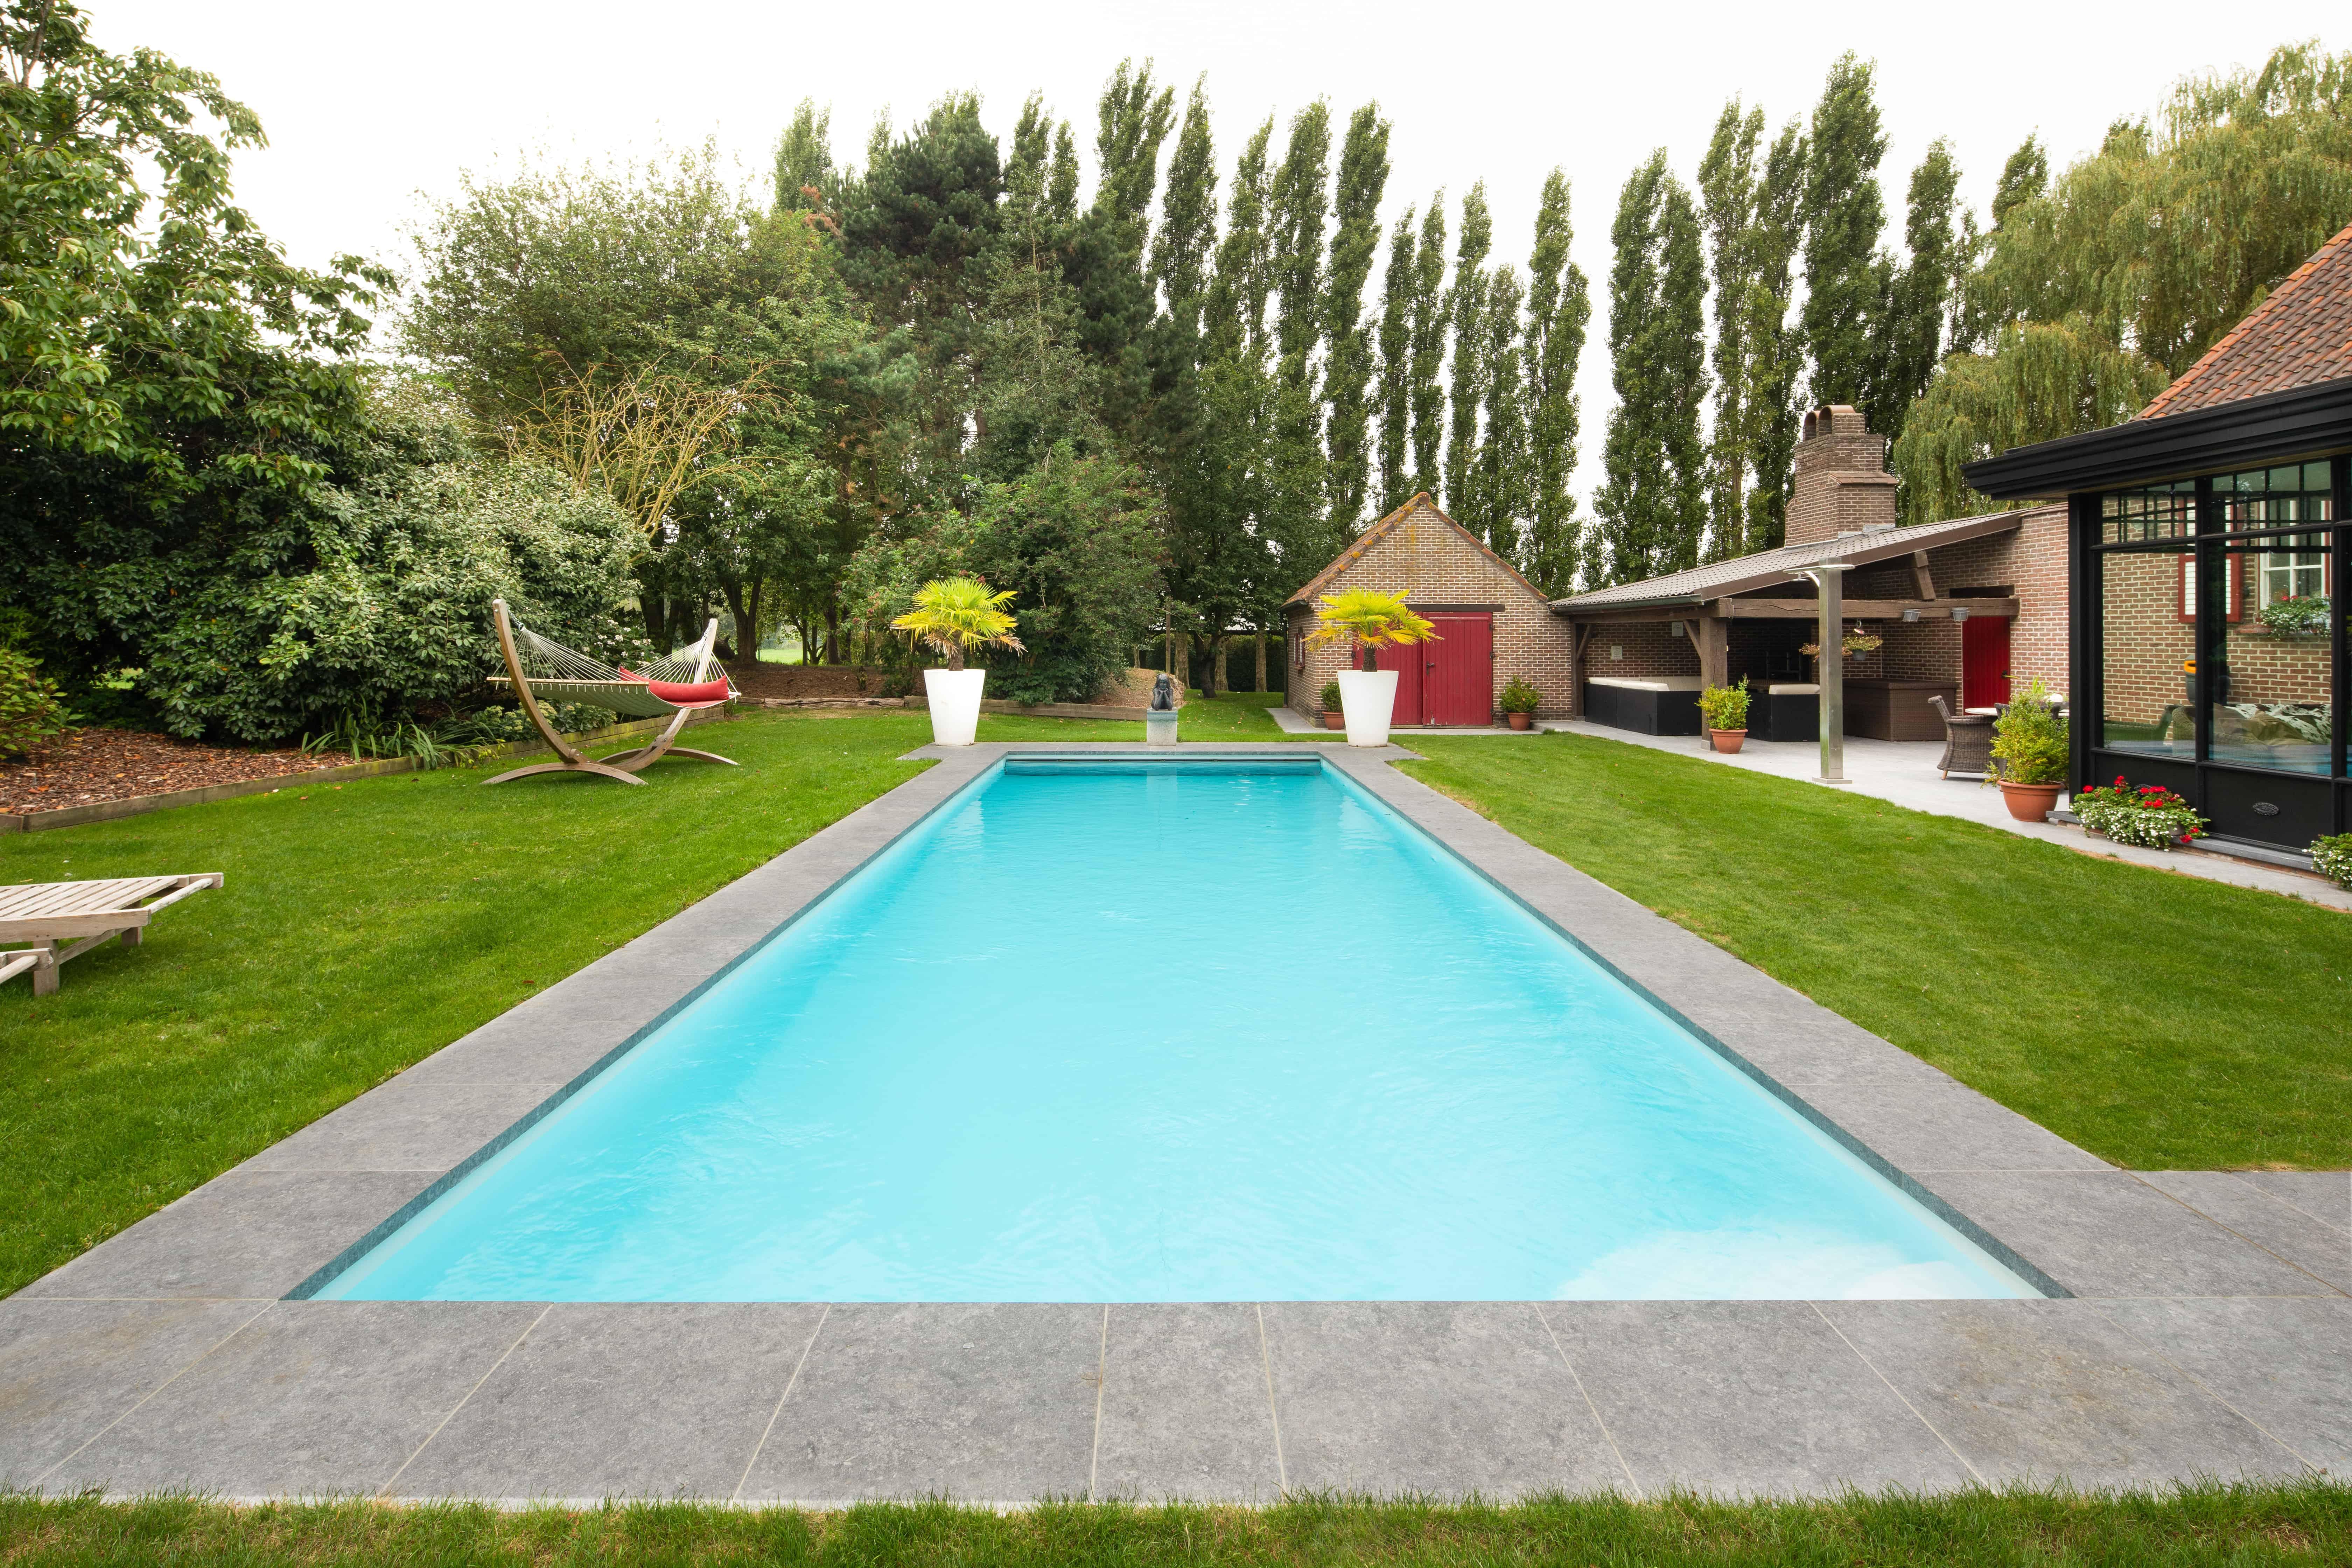 XXL tegels naast zwembad - grote tegels aan zwembad - natuursteen - blauwe hardsteen